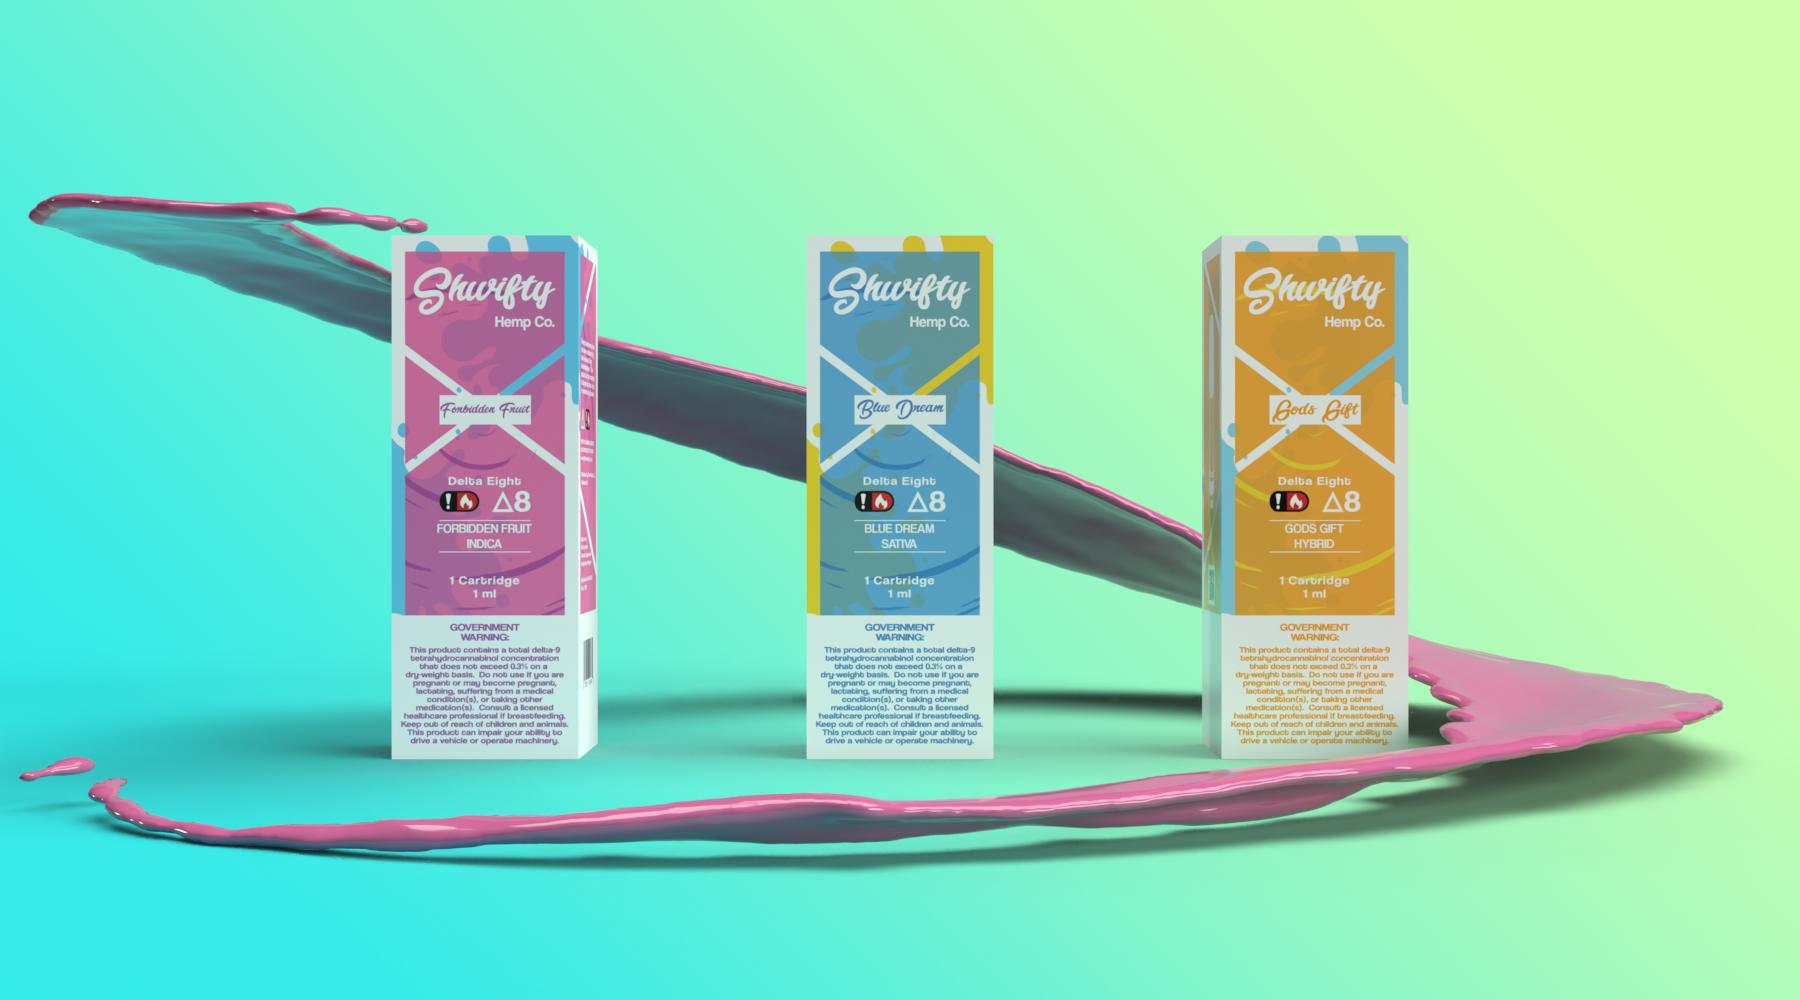 Shwifty Hemp Co. Delta 8 Cartridges